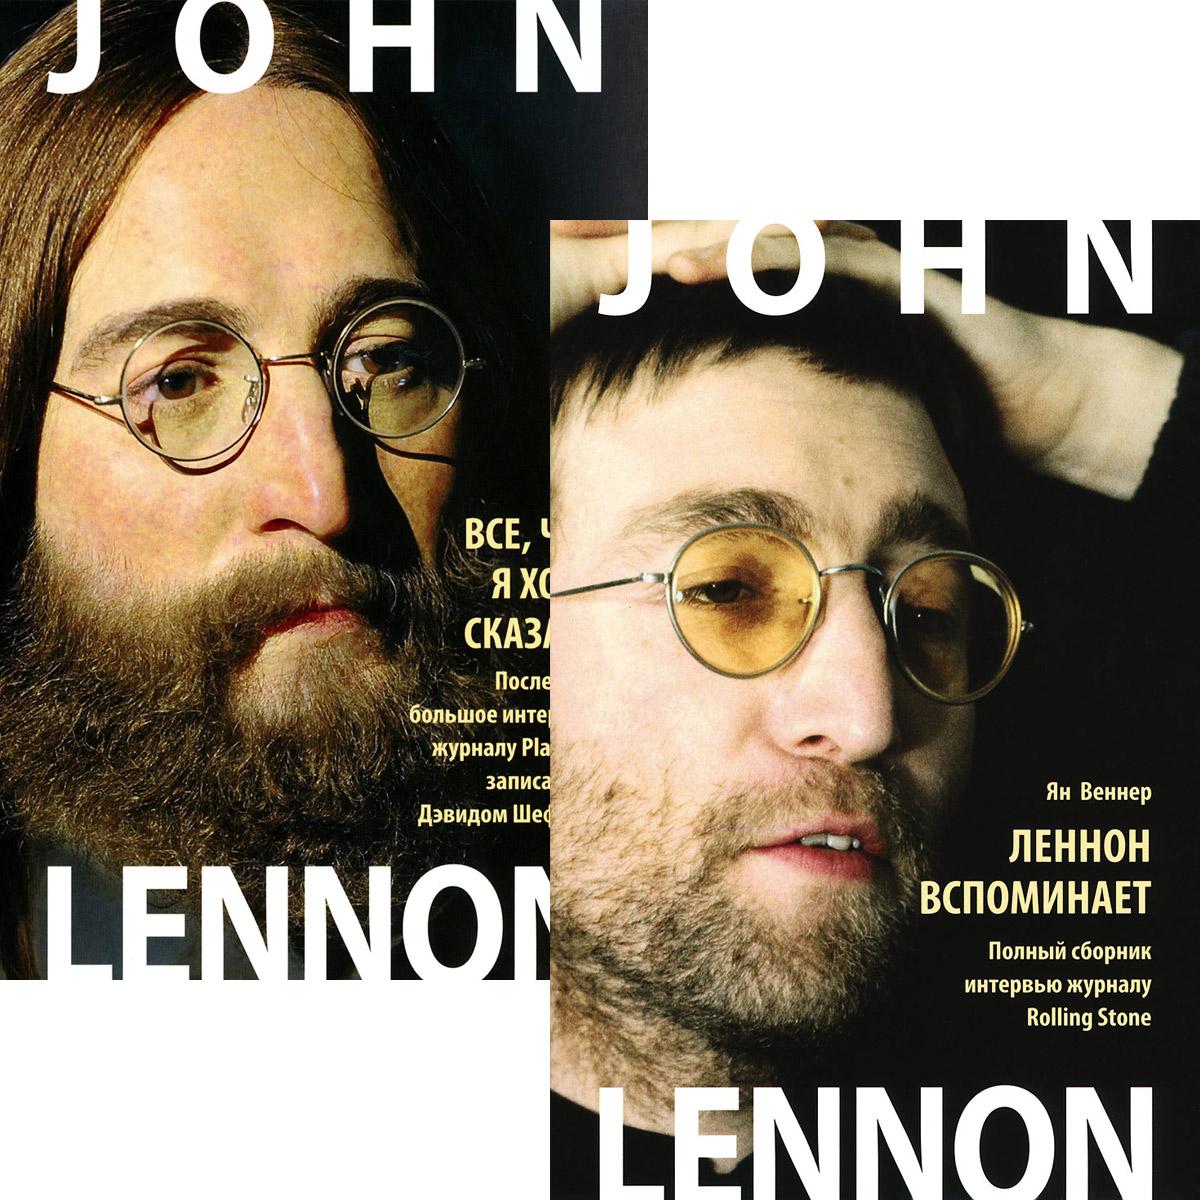 Ян Веннер, Дэвид Шефф Джон Леннон. Леннон вспоминает. Все, что я хочу сказать (комплект из 2 книг)